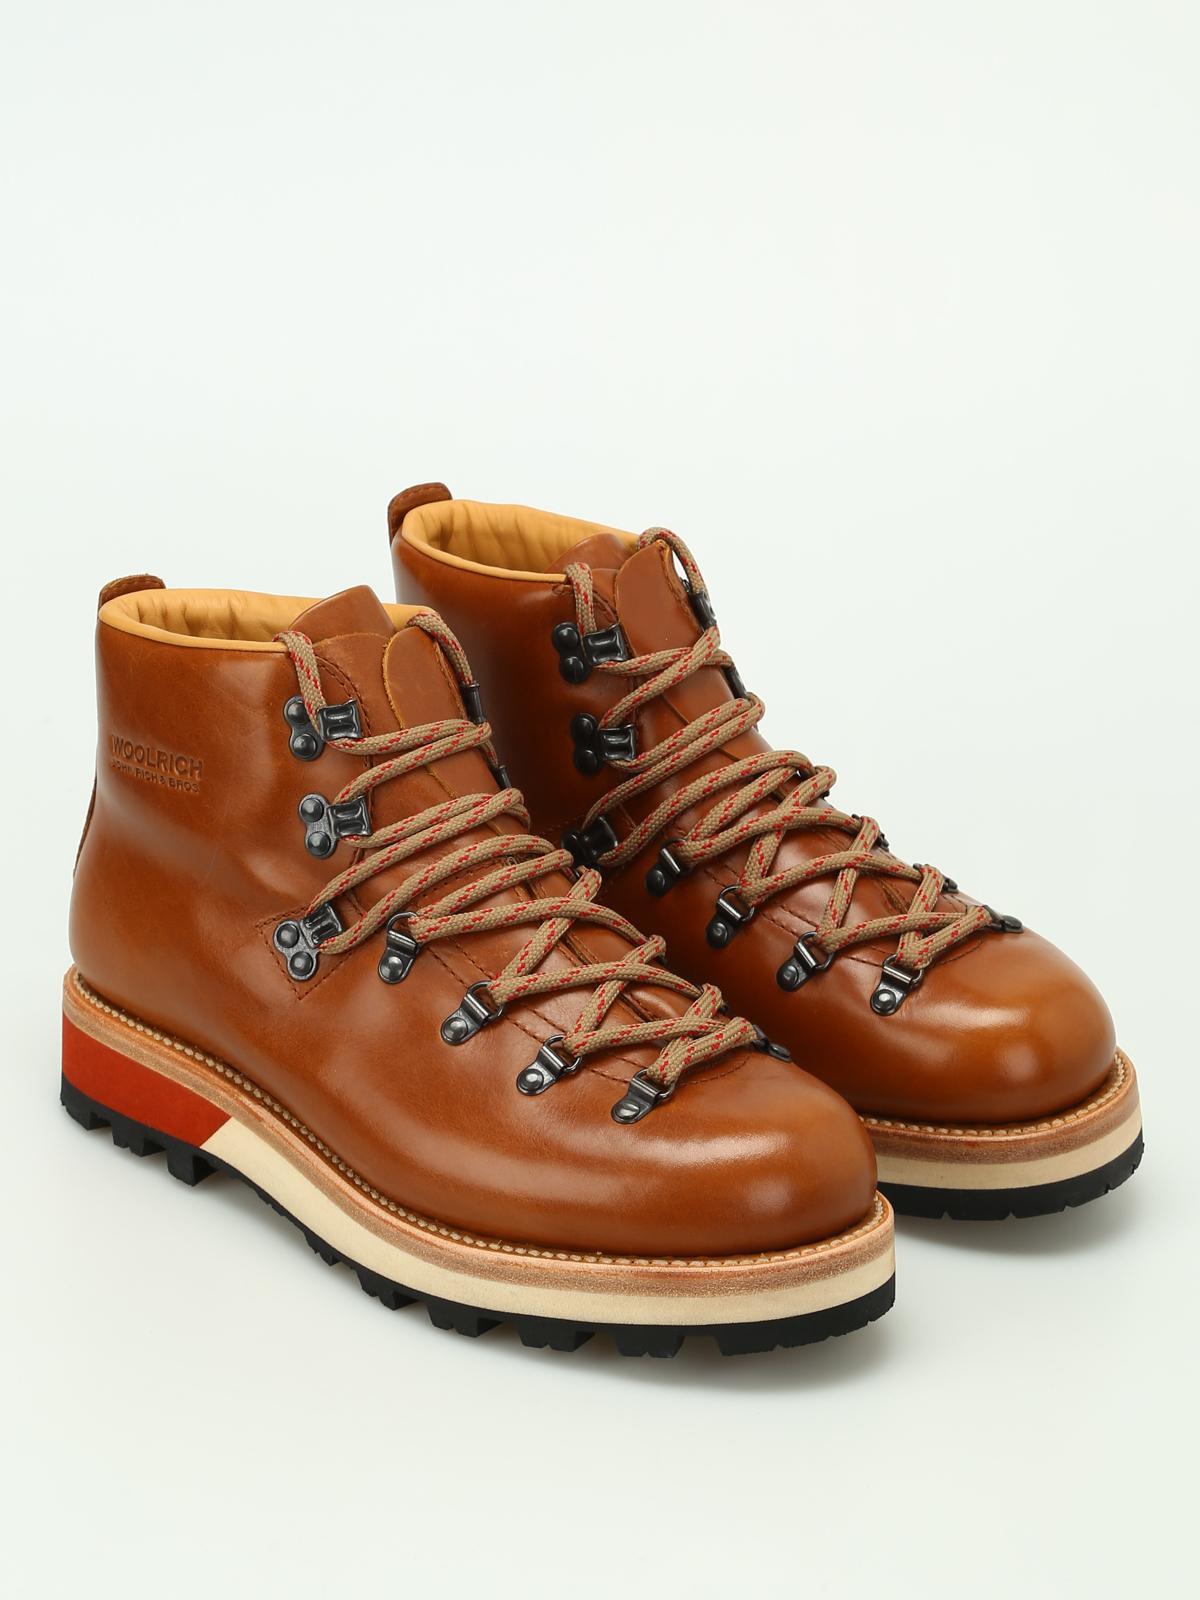 quality design 9a46d 6921e Woolrich - Scarponi da trekking in pelle - tronchetti - W1030330